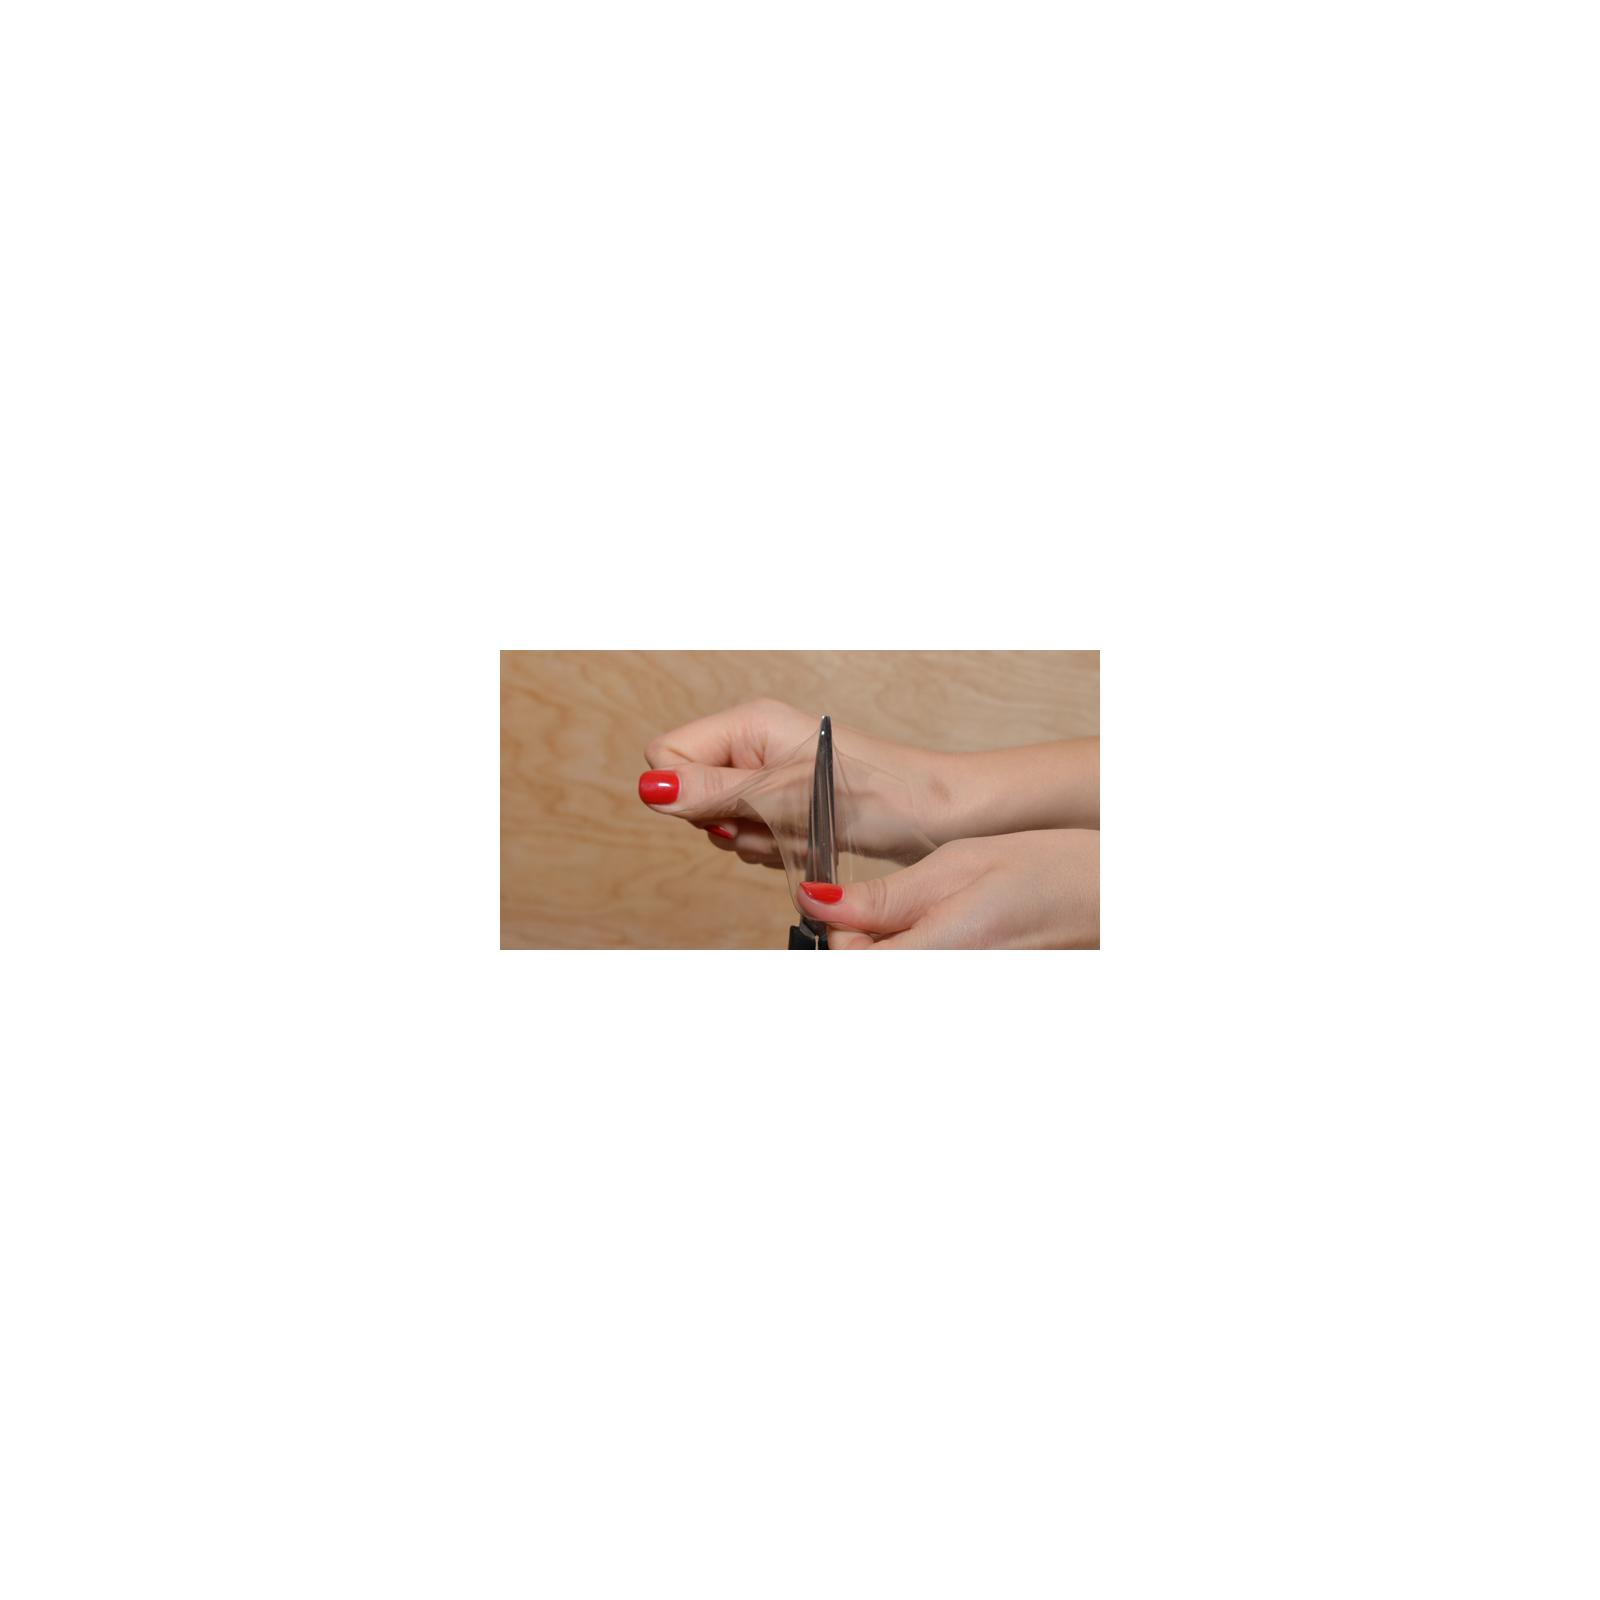 Пленка защитная JINN ультрапрочная Magic Screen для LG Optimus L5 II E455 Dual (LG Optimus L5 II Dual front+back) изображение 4